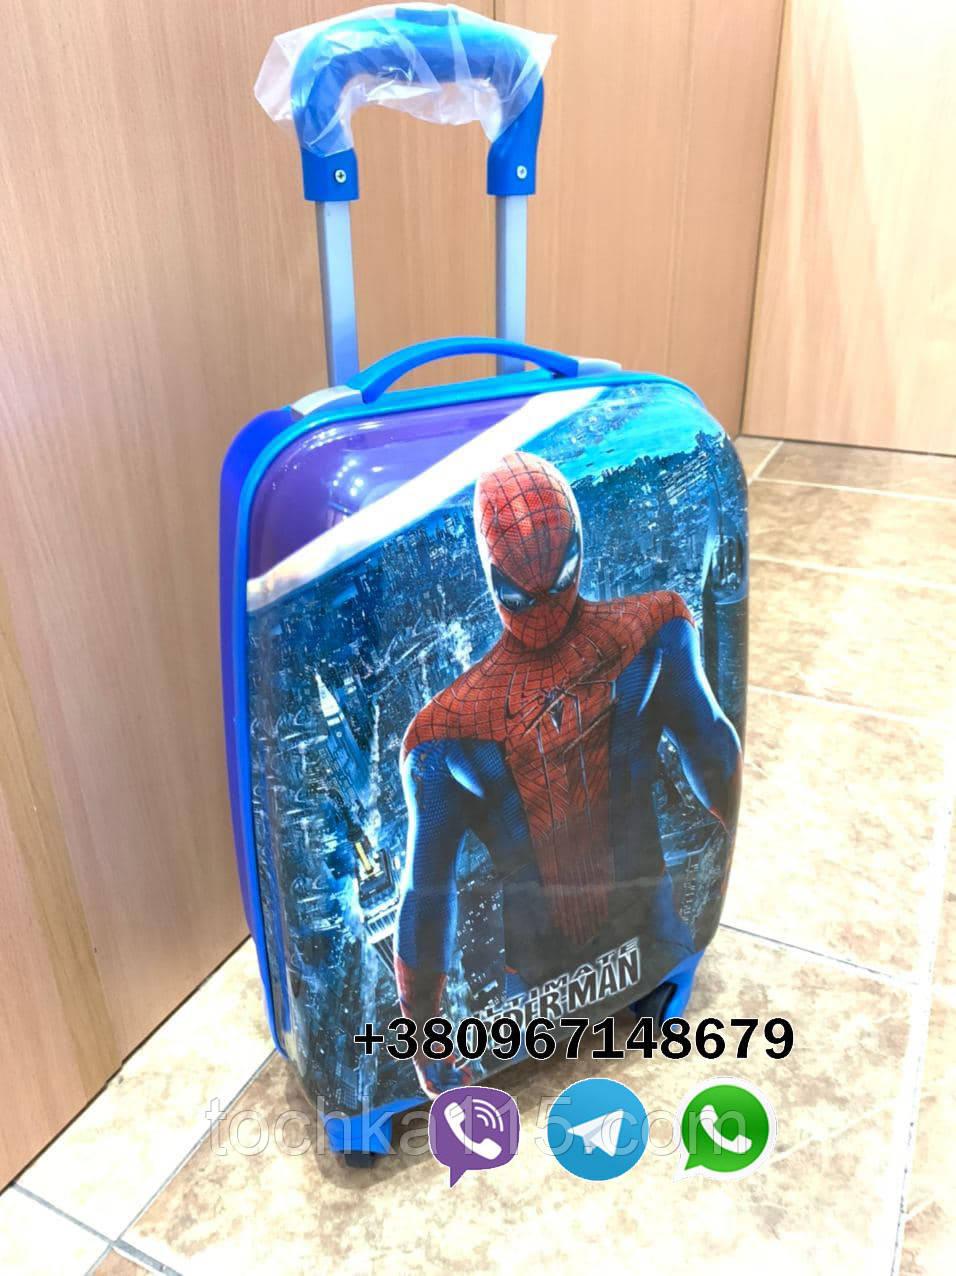 Детский чемодан с телескопической ручкой Человек паук для мальчика на подарок, ручная кладь 44/30/20 см